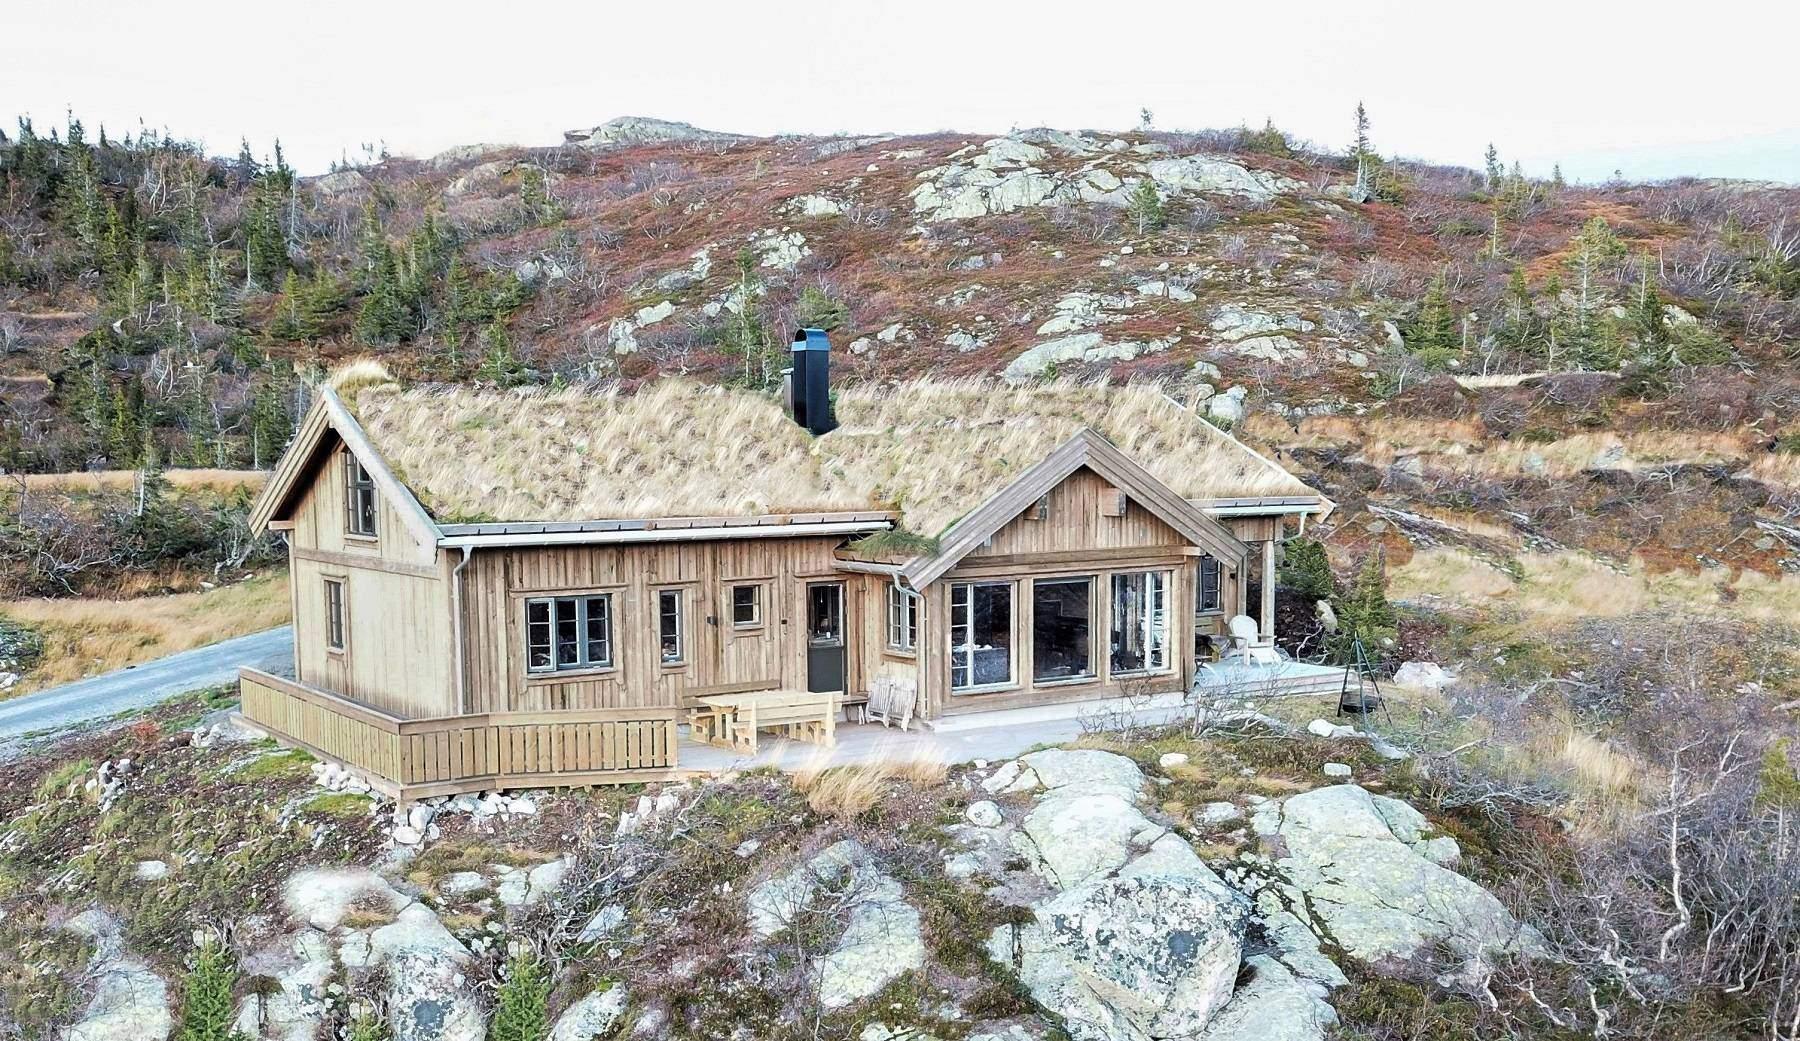 120 Høgevarde 127 – Hytteleverandør Tiurtoppen Hytter